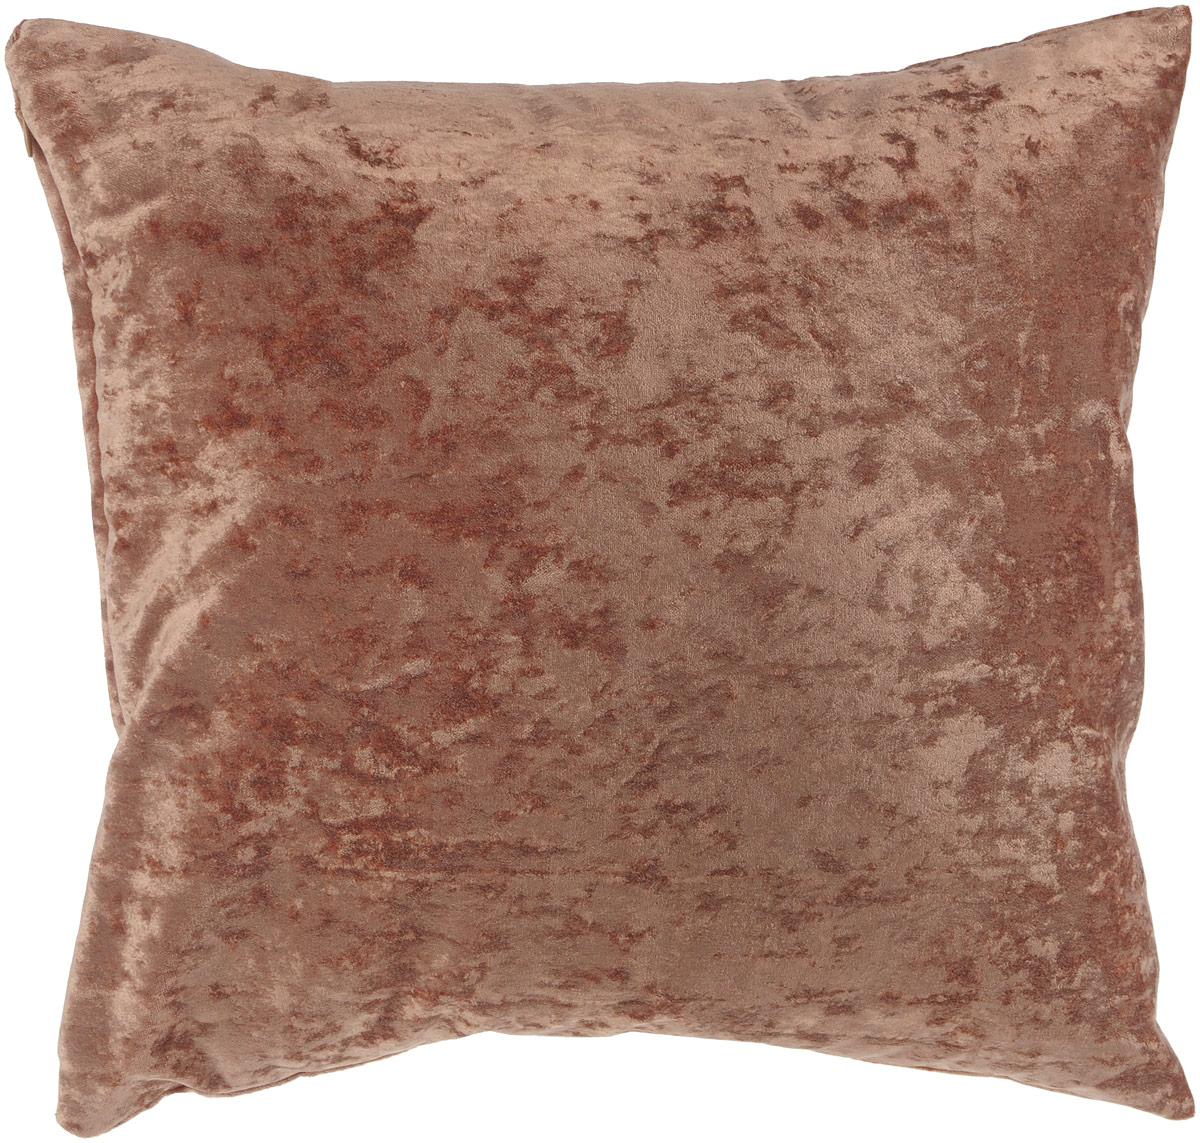 Подушка декоративная KauffOrt Бархат, цвет: коричневый, 40 x 40 смUP110DFДекоративная подушка Бархат прекрасно дополнит интерьер спальни или гостиной. Бархатистый на ощупь чехол подушки выполнен из 49% вискозы, 42% хлопка и 9% полиэстера. Внутри находится мягкий наполнитель. Чехол легко снимается благодаря потайной молнии.Красивая подушка создаст атмосферу уюта и комфорта в спальне и станет прекрасным элементом декора.